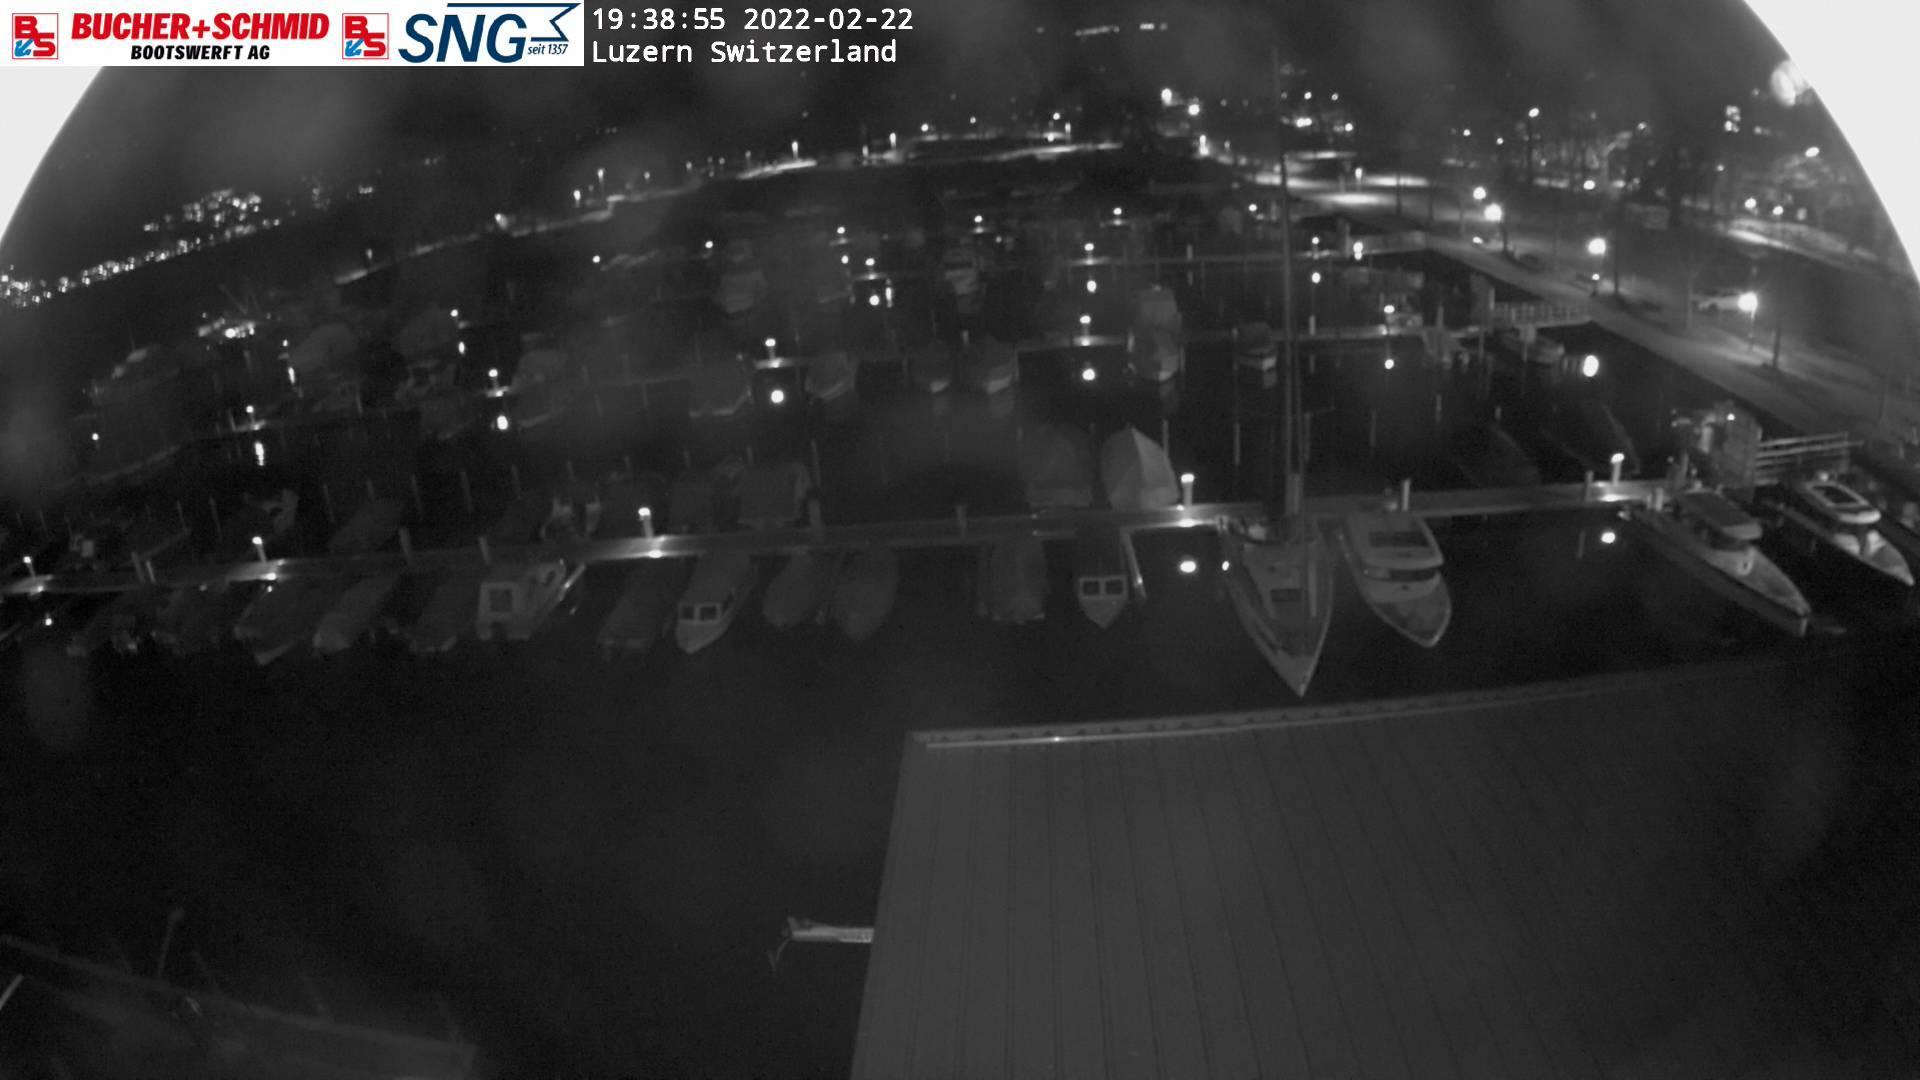 Webcam Lucerne: Bucher & Schmid Bootswerft AG − Blickrich